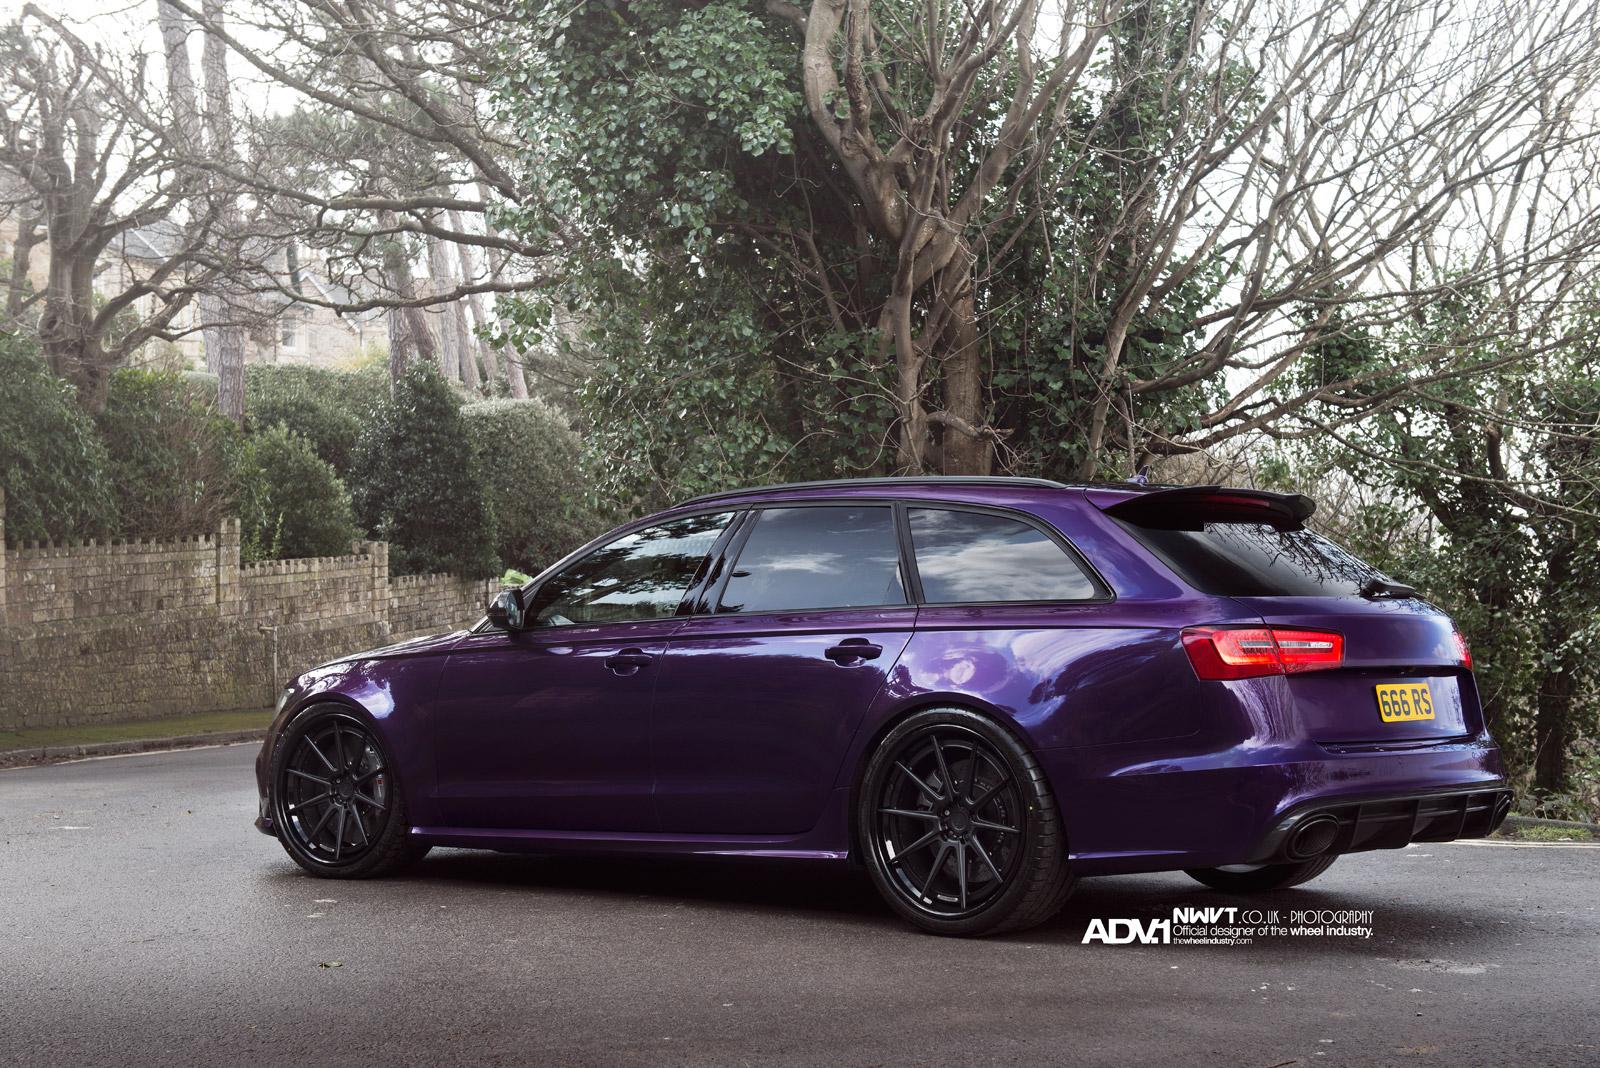 2016 Jeep Gladiator >> Purple Sled: Audi RS6 Avant on ADV.1 Wheels - autoevolution